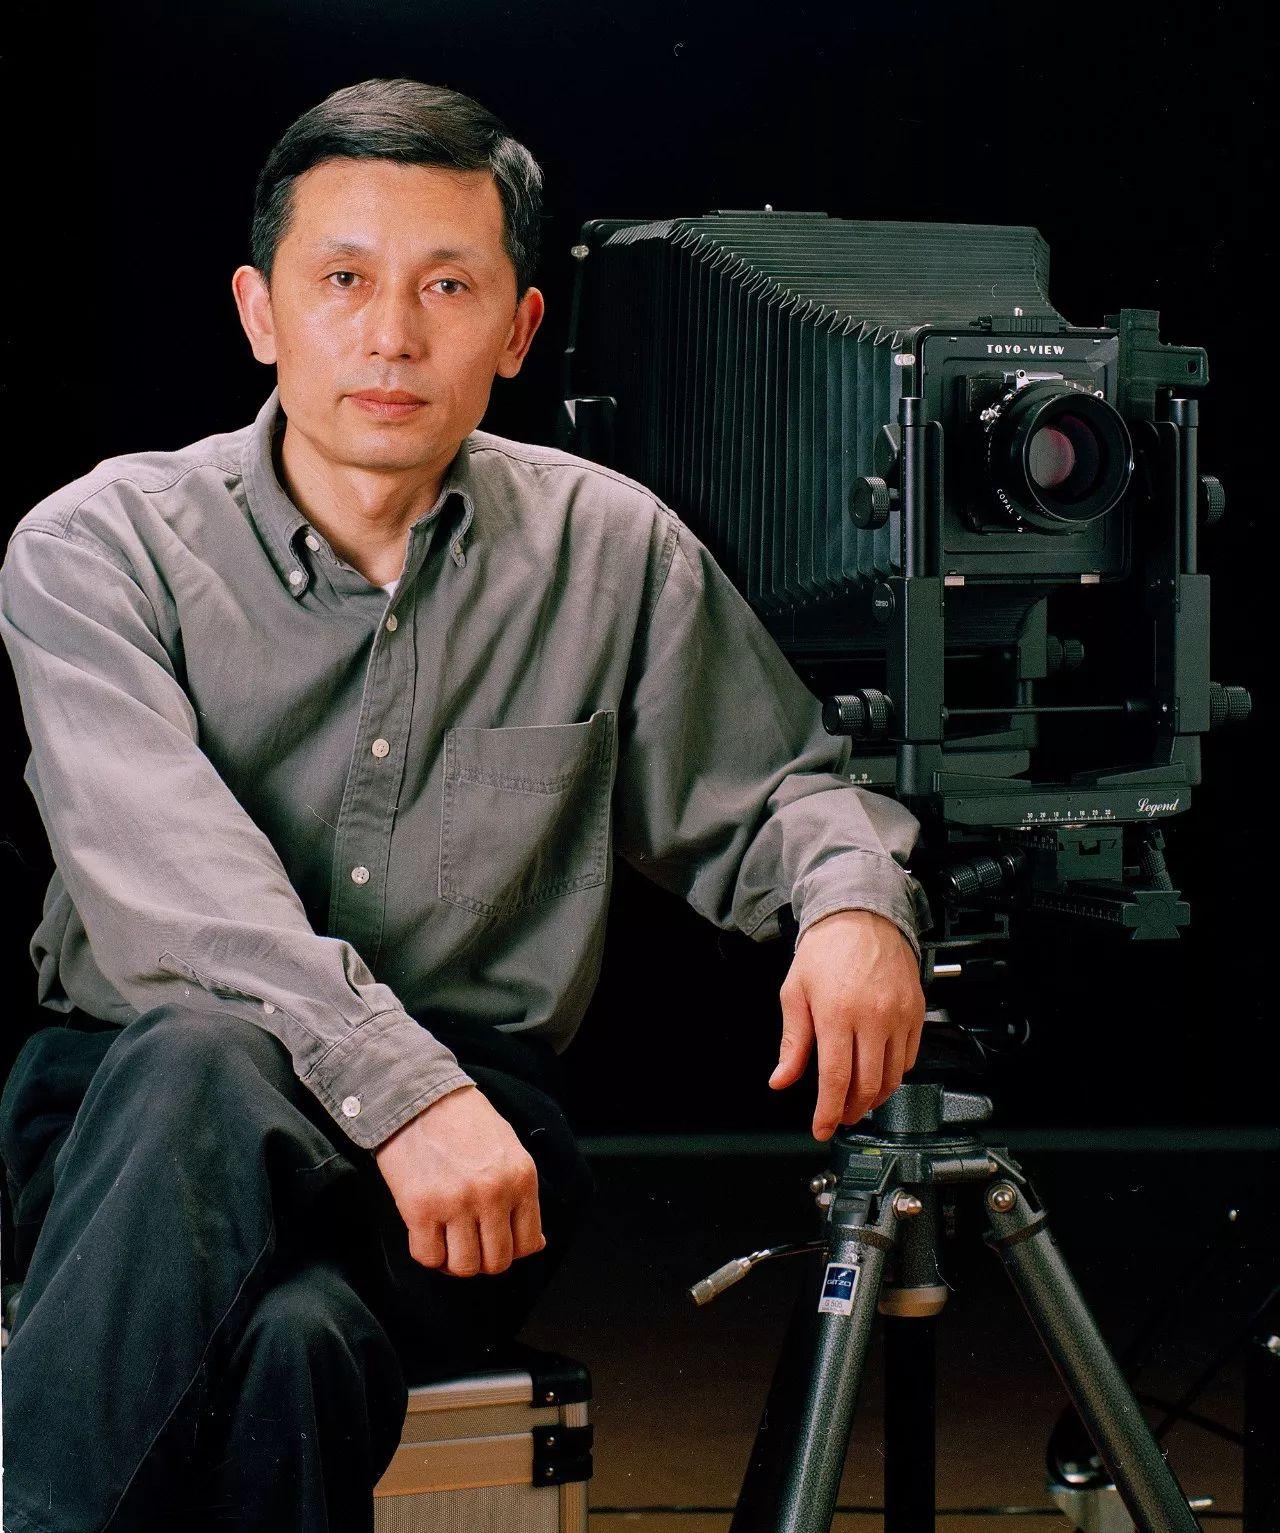 南充市摄影知识公益行第十五期:赵秀文<<行走光影世界>>讲座圆满结束